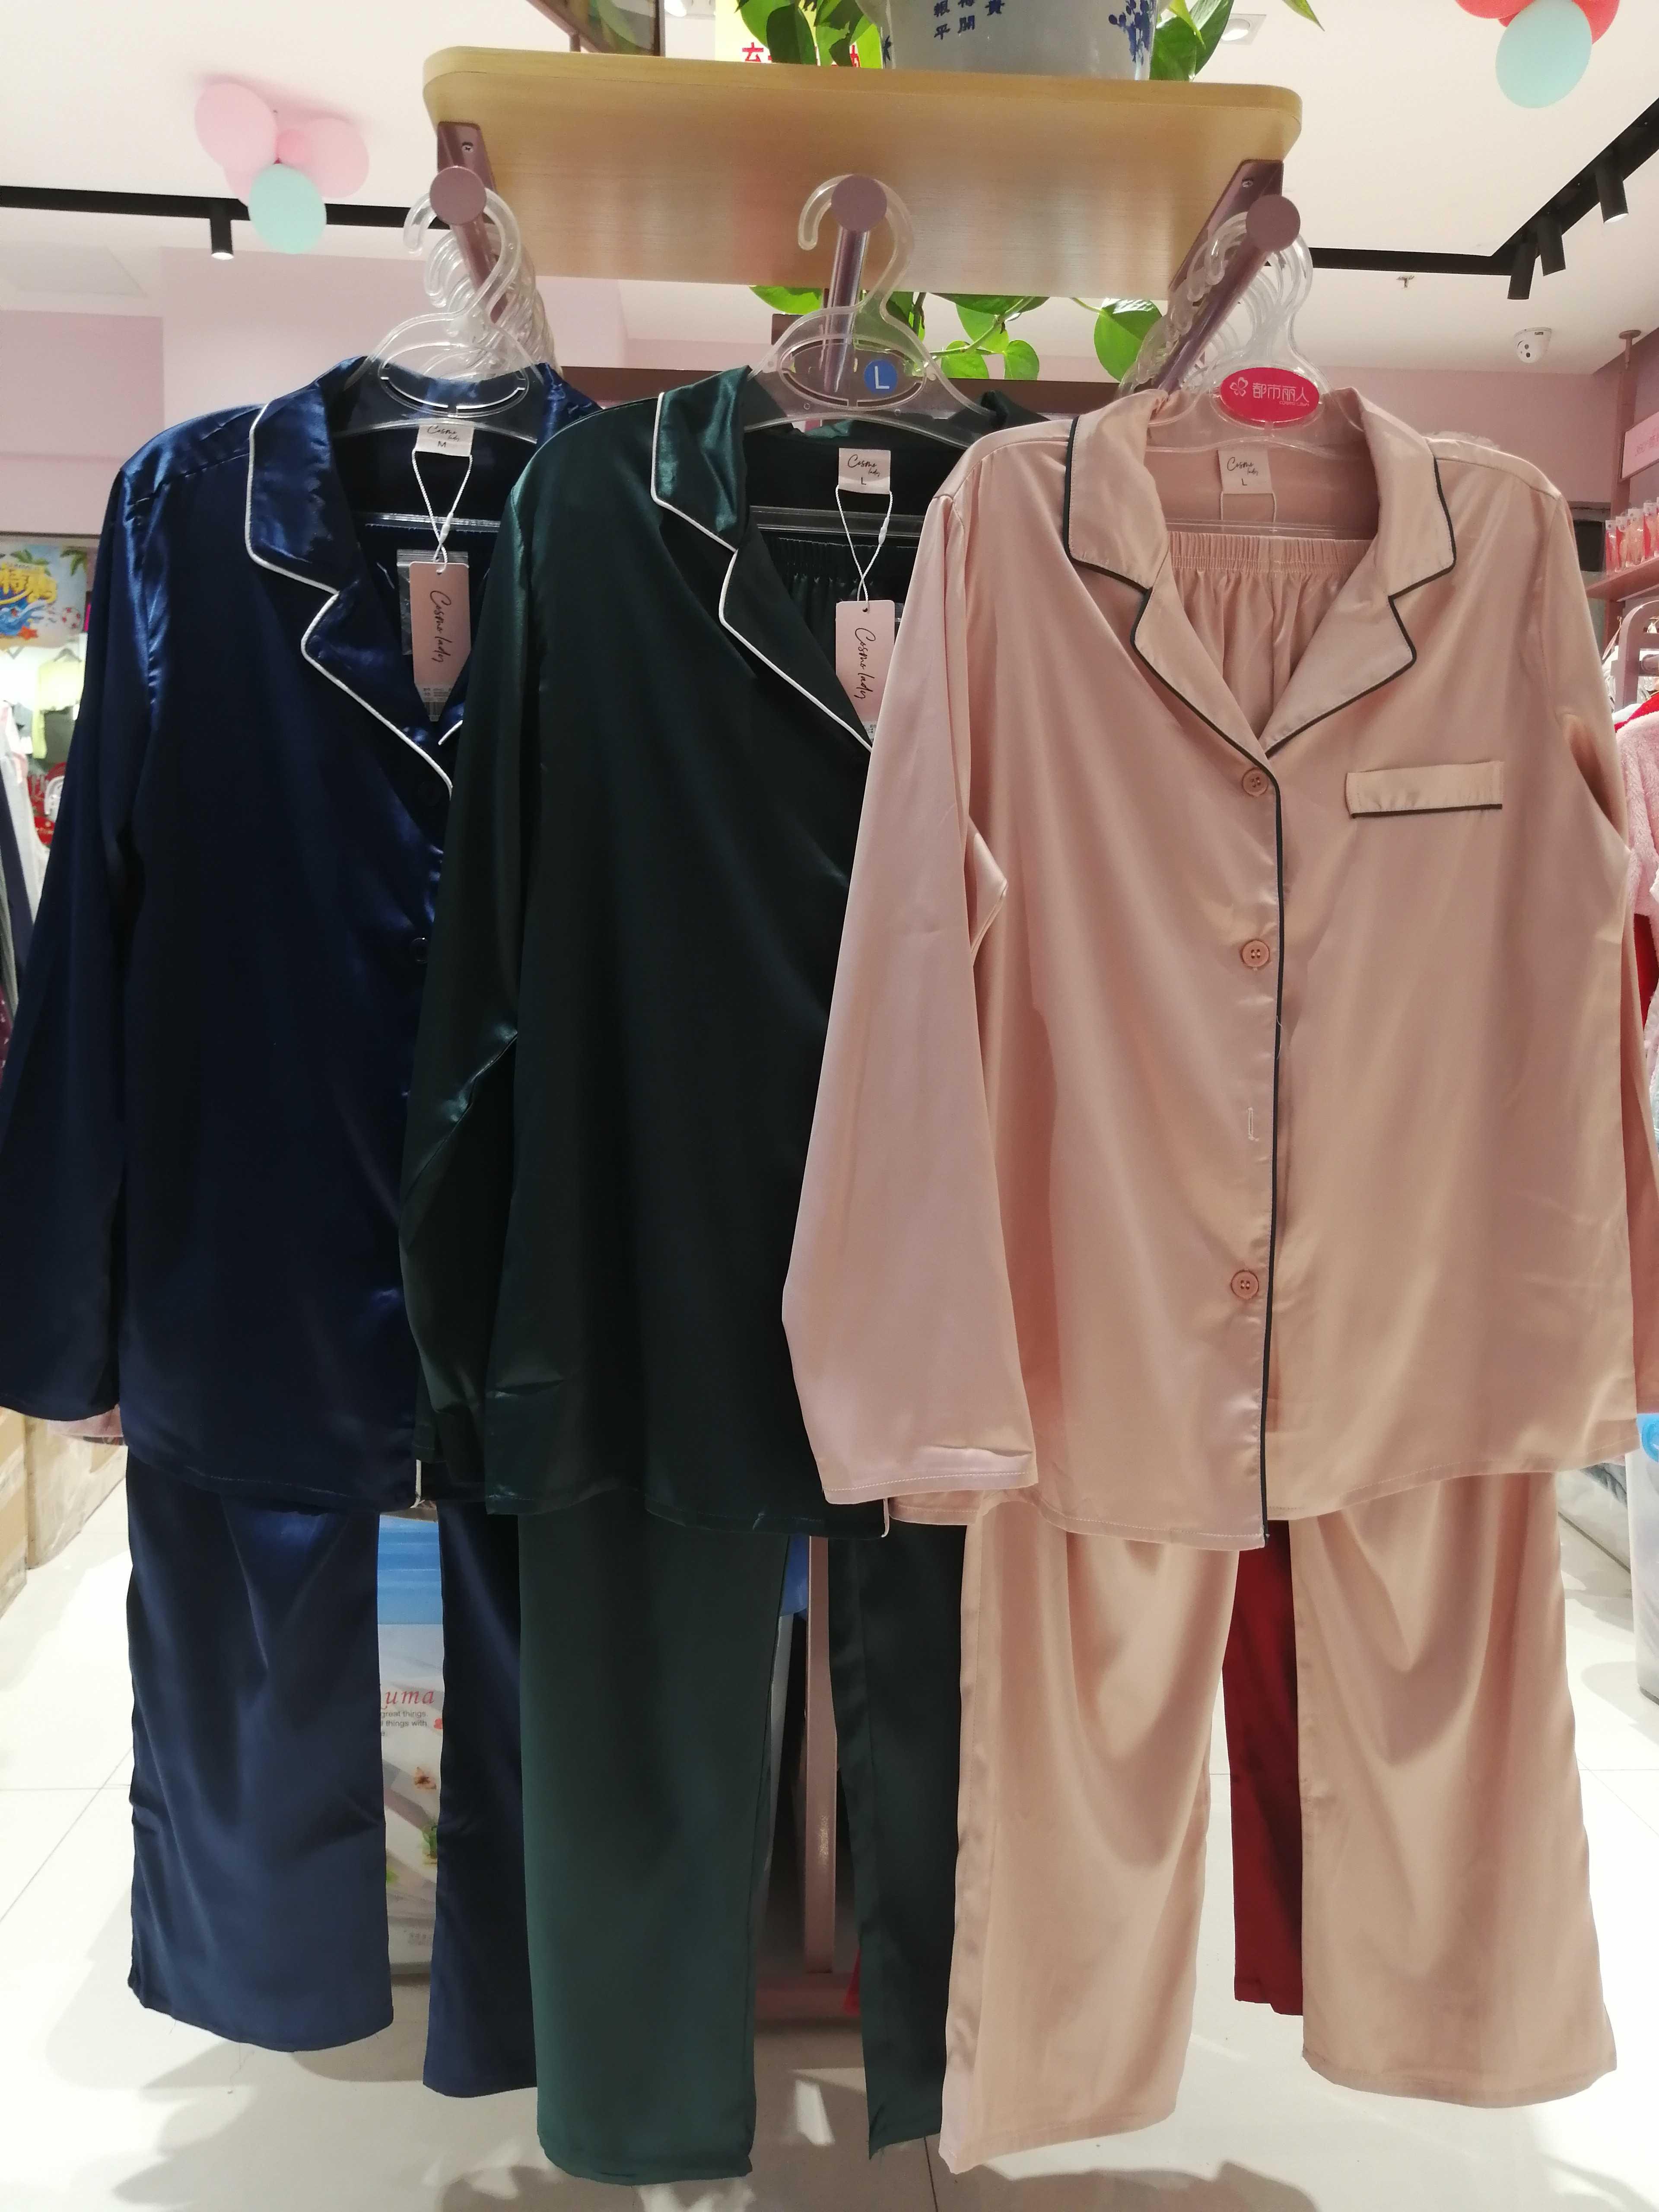 都市丽人LH91C3春夏丝质棉舒适透气柔软长袖长裤女睡衣家居服